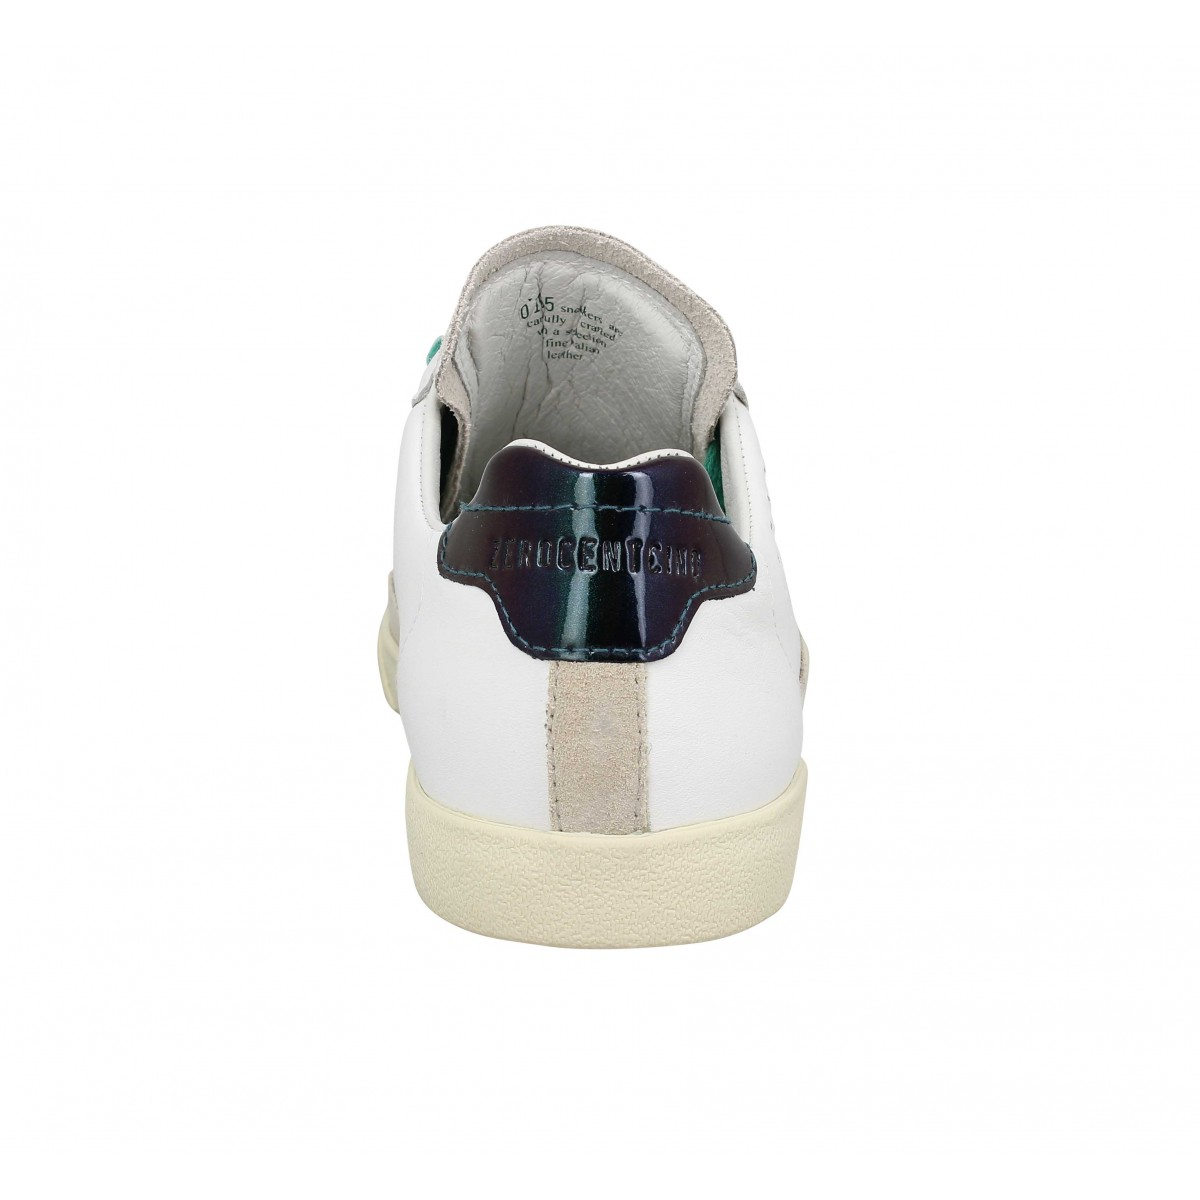 Chris Stan Fanny Chaussures White Femme 105 Cuir 0 Amazon qEz5W